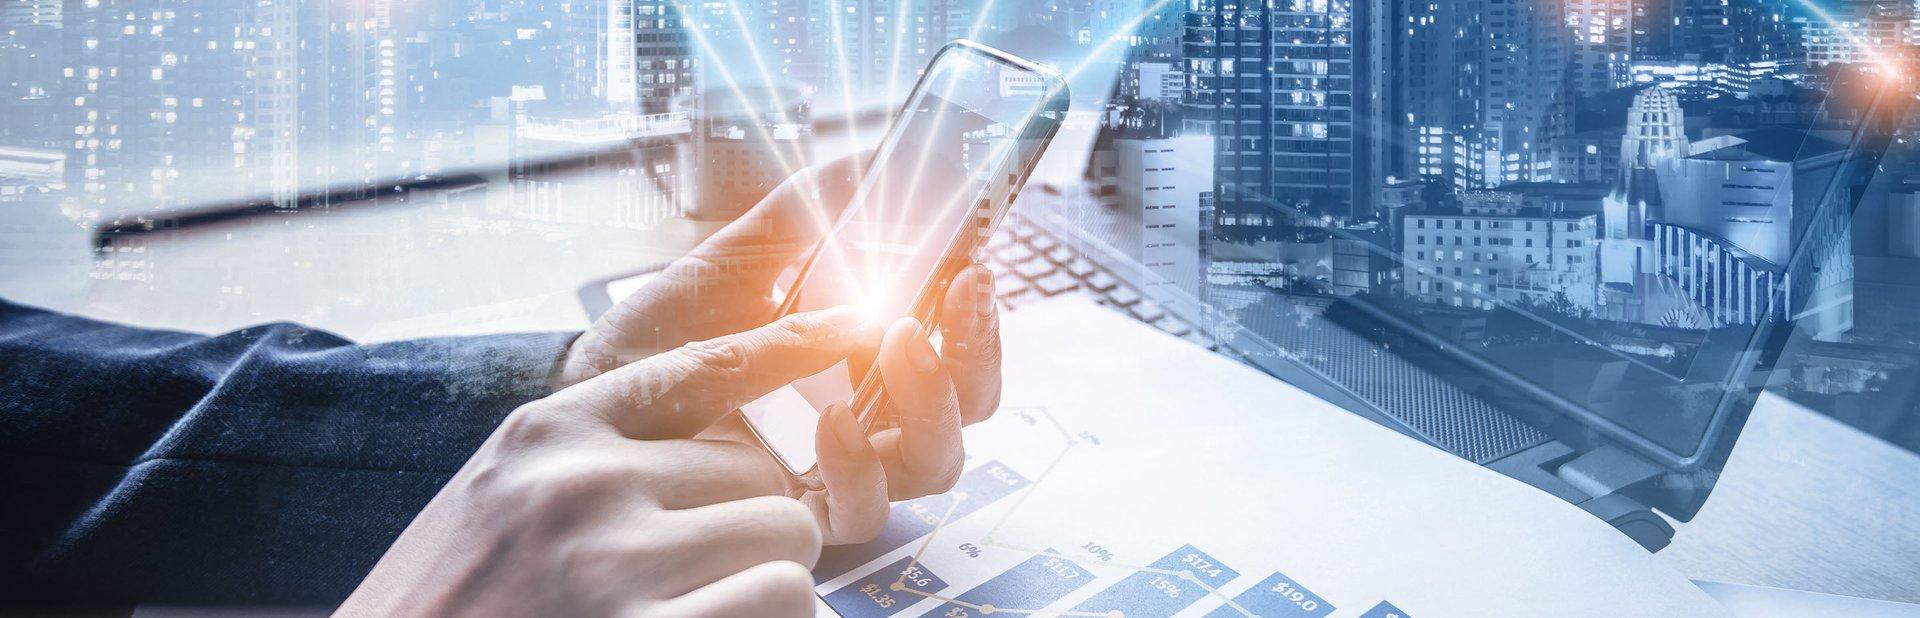 master negocios internacionales online